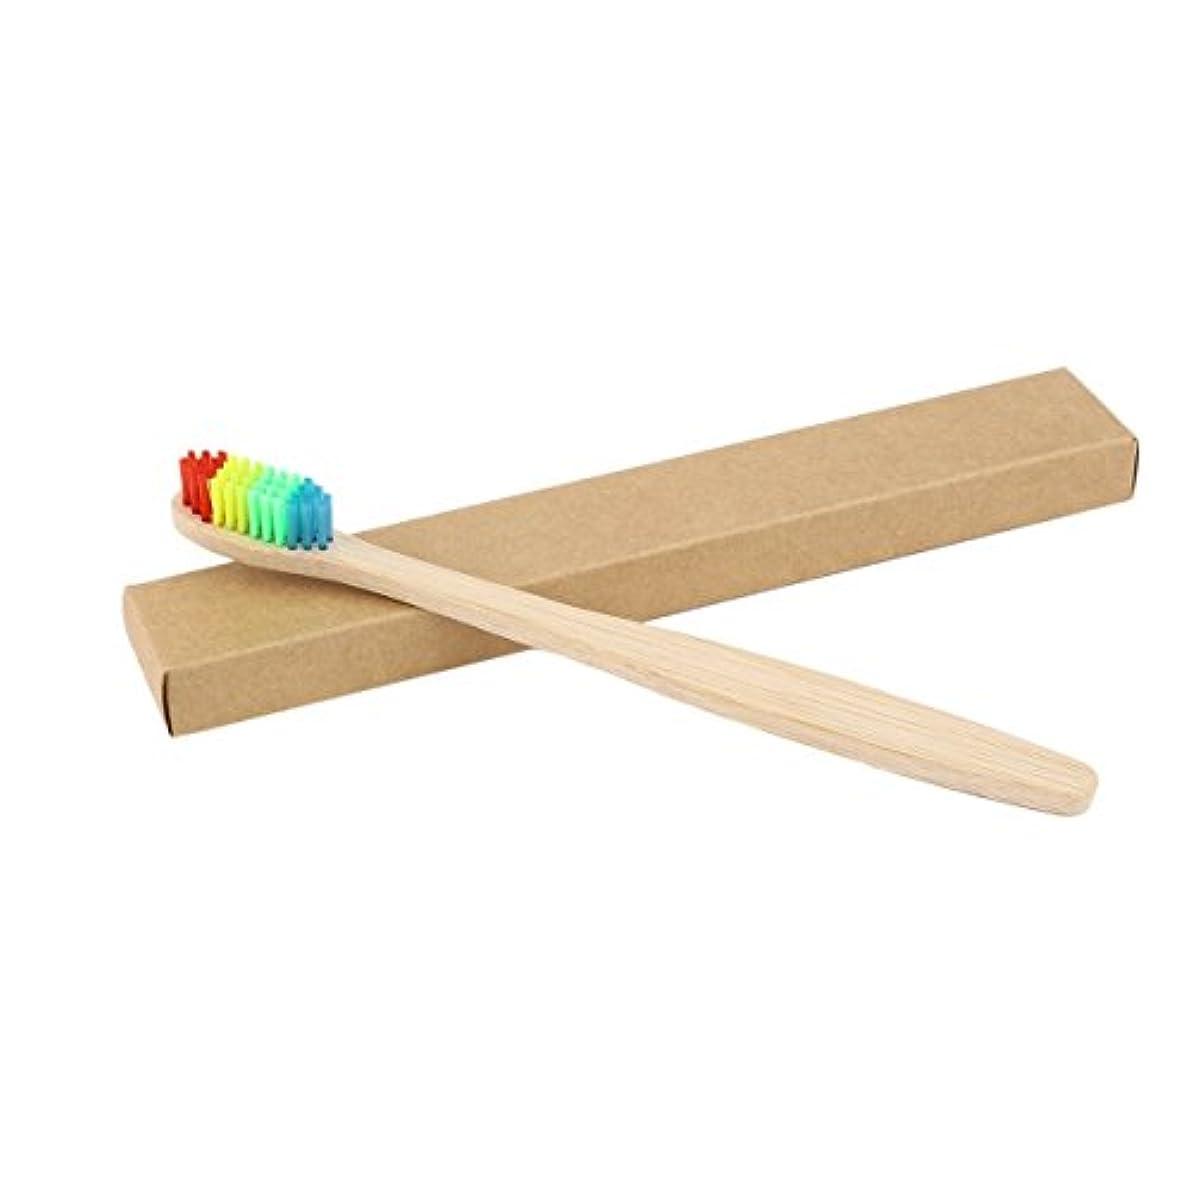 はちみつ噴出する犯すカラフルな髪+竹のハンドル歯ブラシ環境木製の虹竹の歯ブラシオーラルケアソフト剛毛ユニセックス - ウッドカラー+カラフル